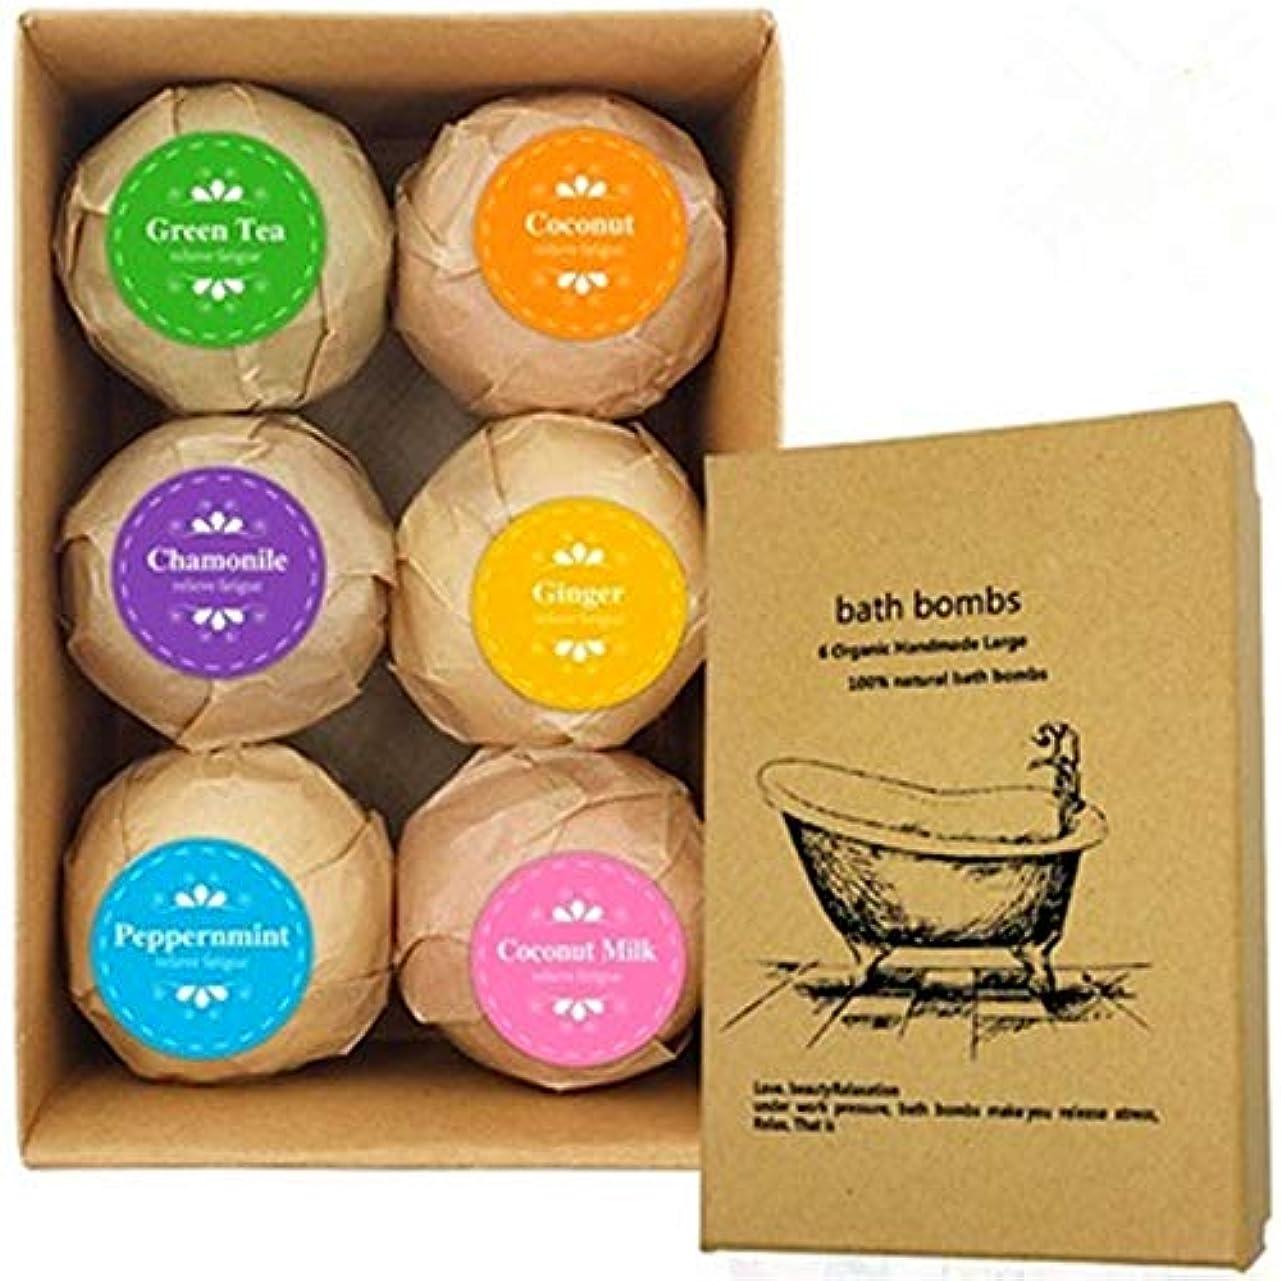 ほんの体元のバスボム 入浴剤 炭酸 バスボール 6つの香り 手作り 入浴料 うるおいプラス お風呂用 入浴剤 ギフトセット6枚 贈り物 プレゼント最適